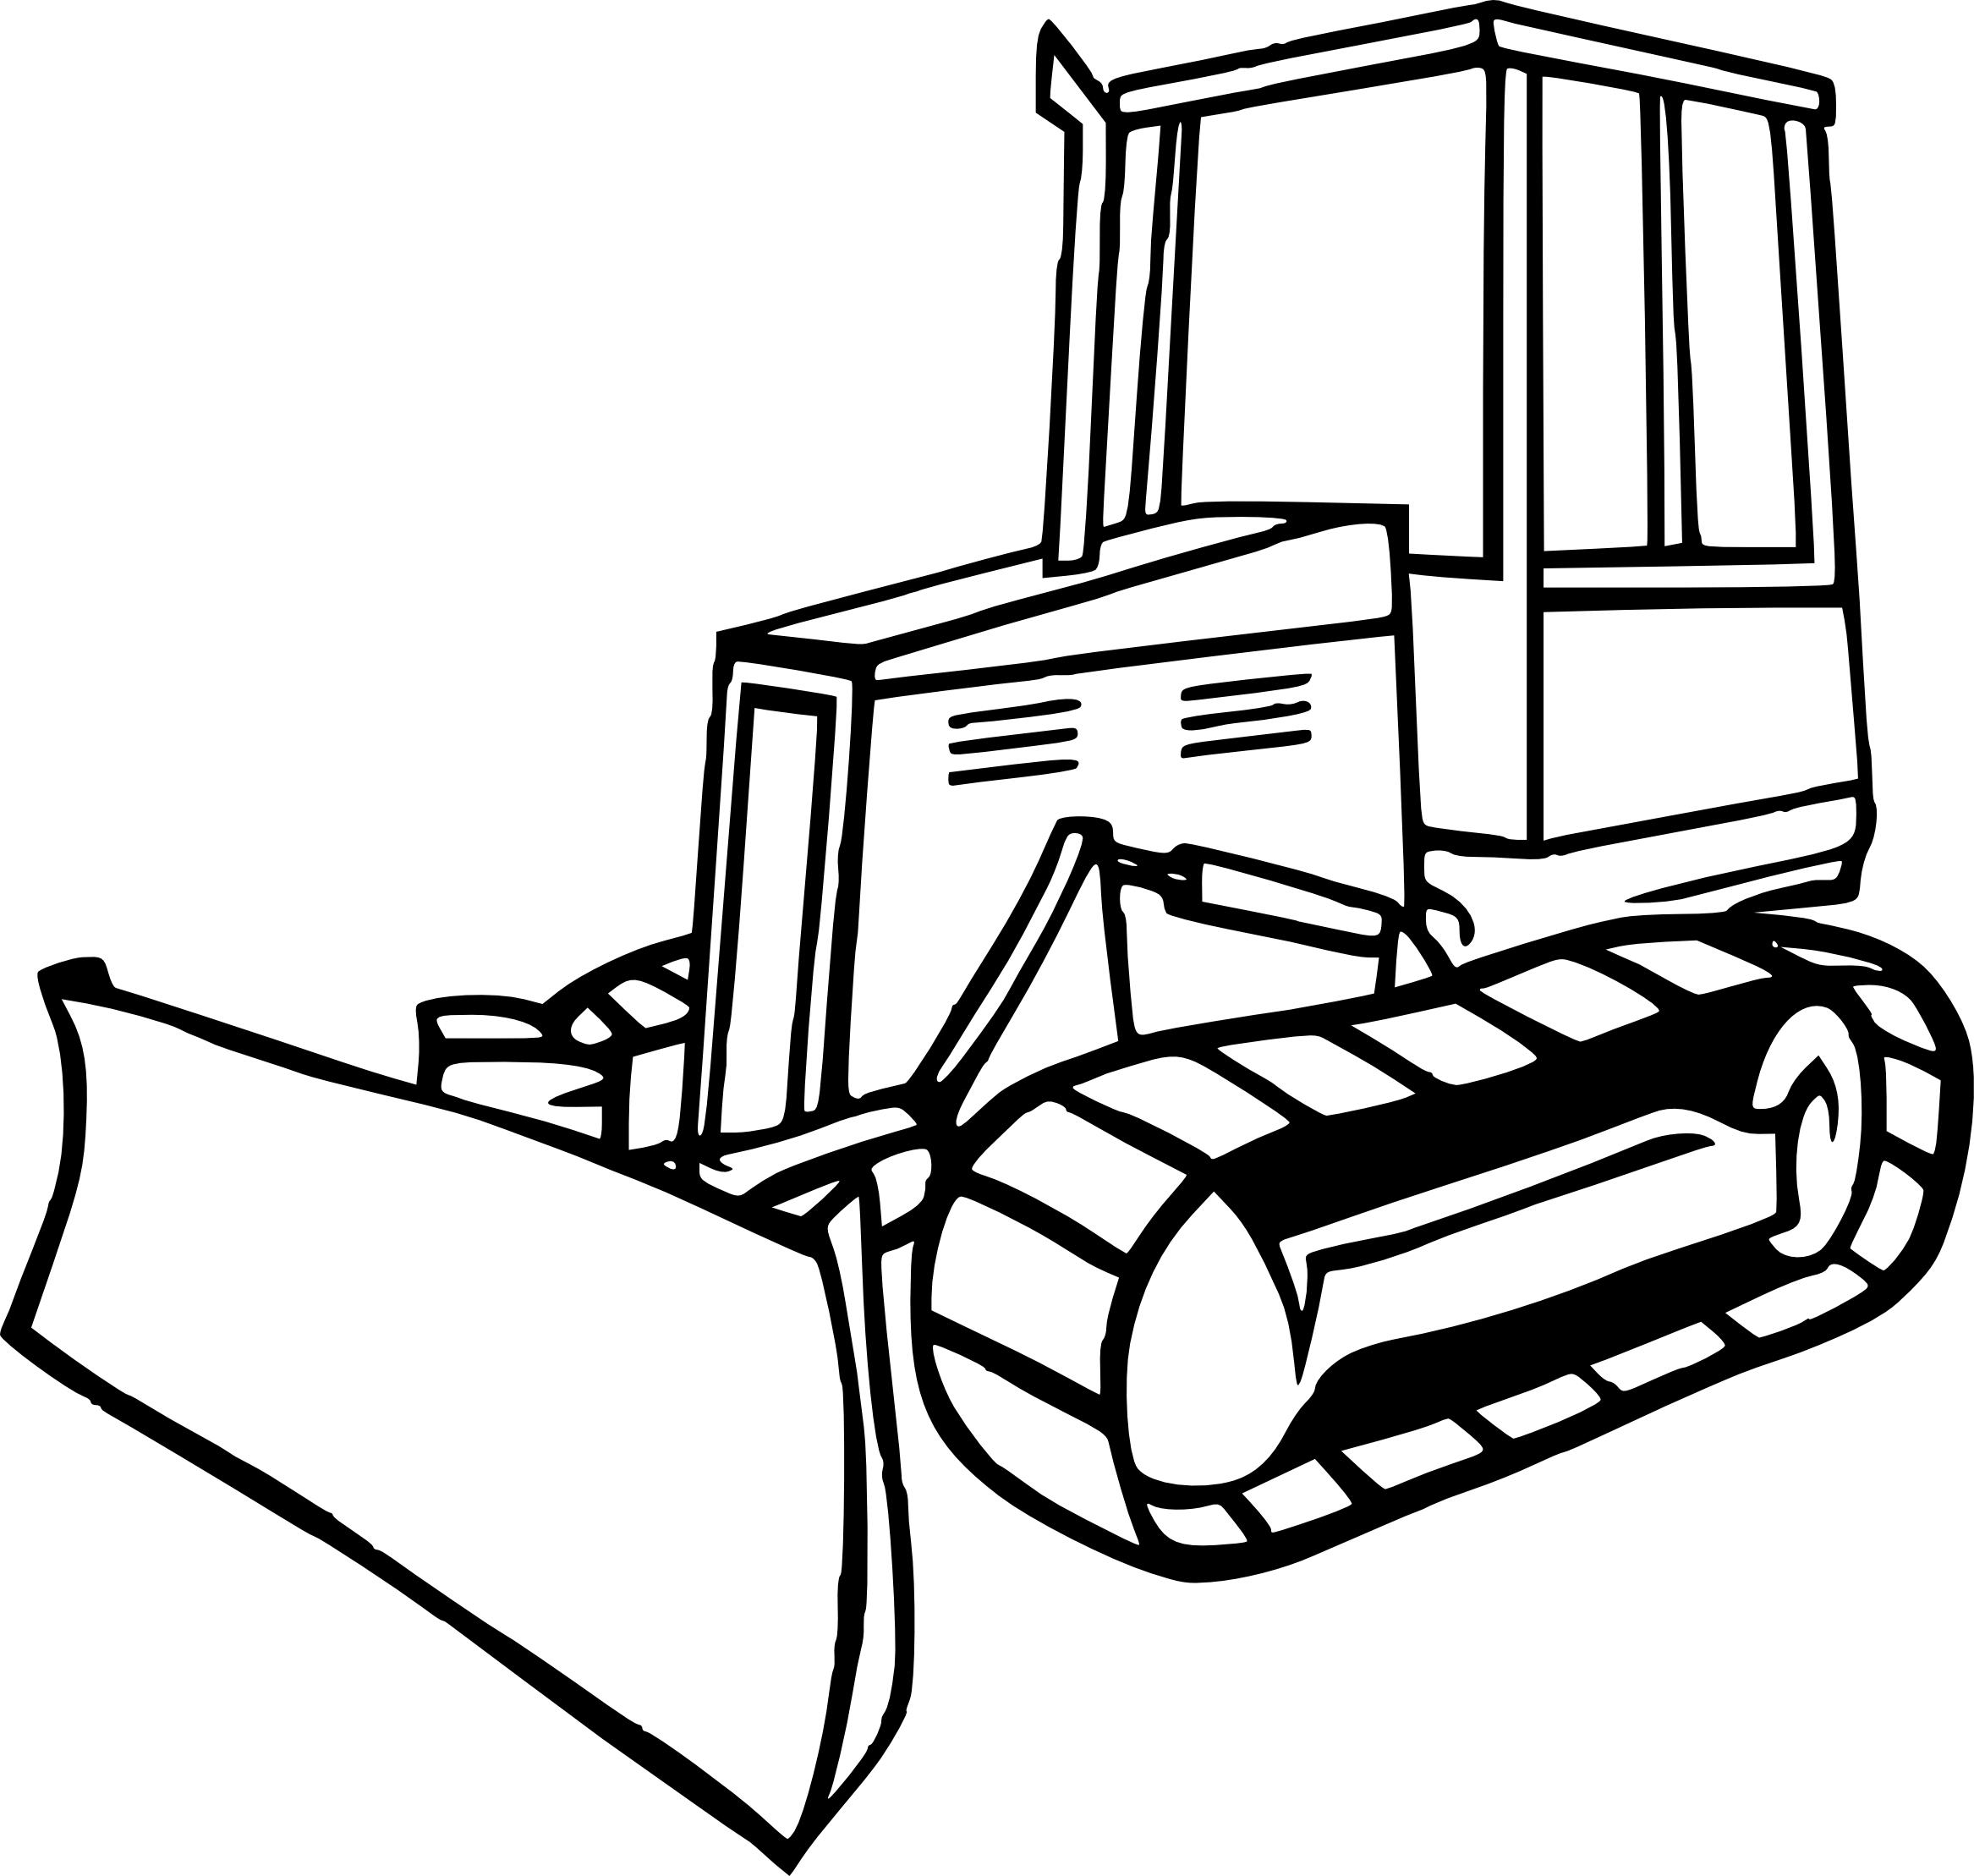 bulldozer coloring pages - coloriage bulldozer imprimer